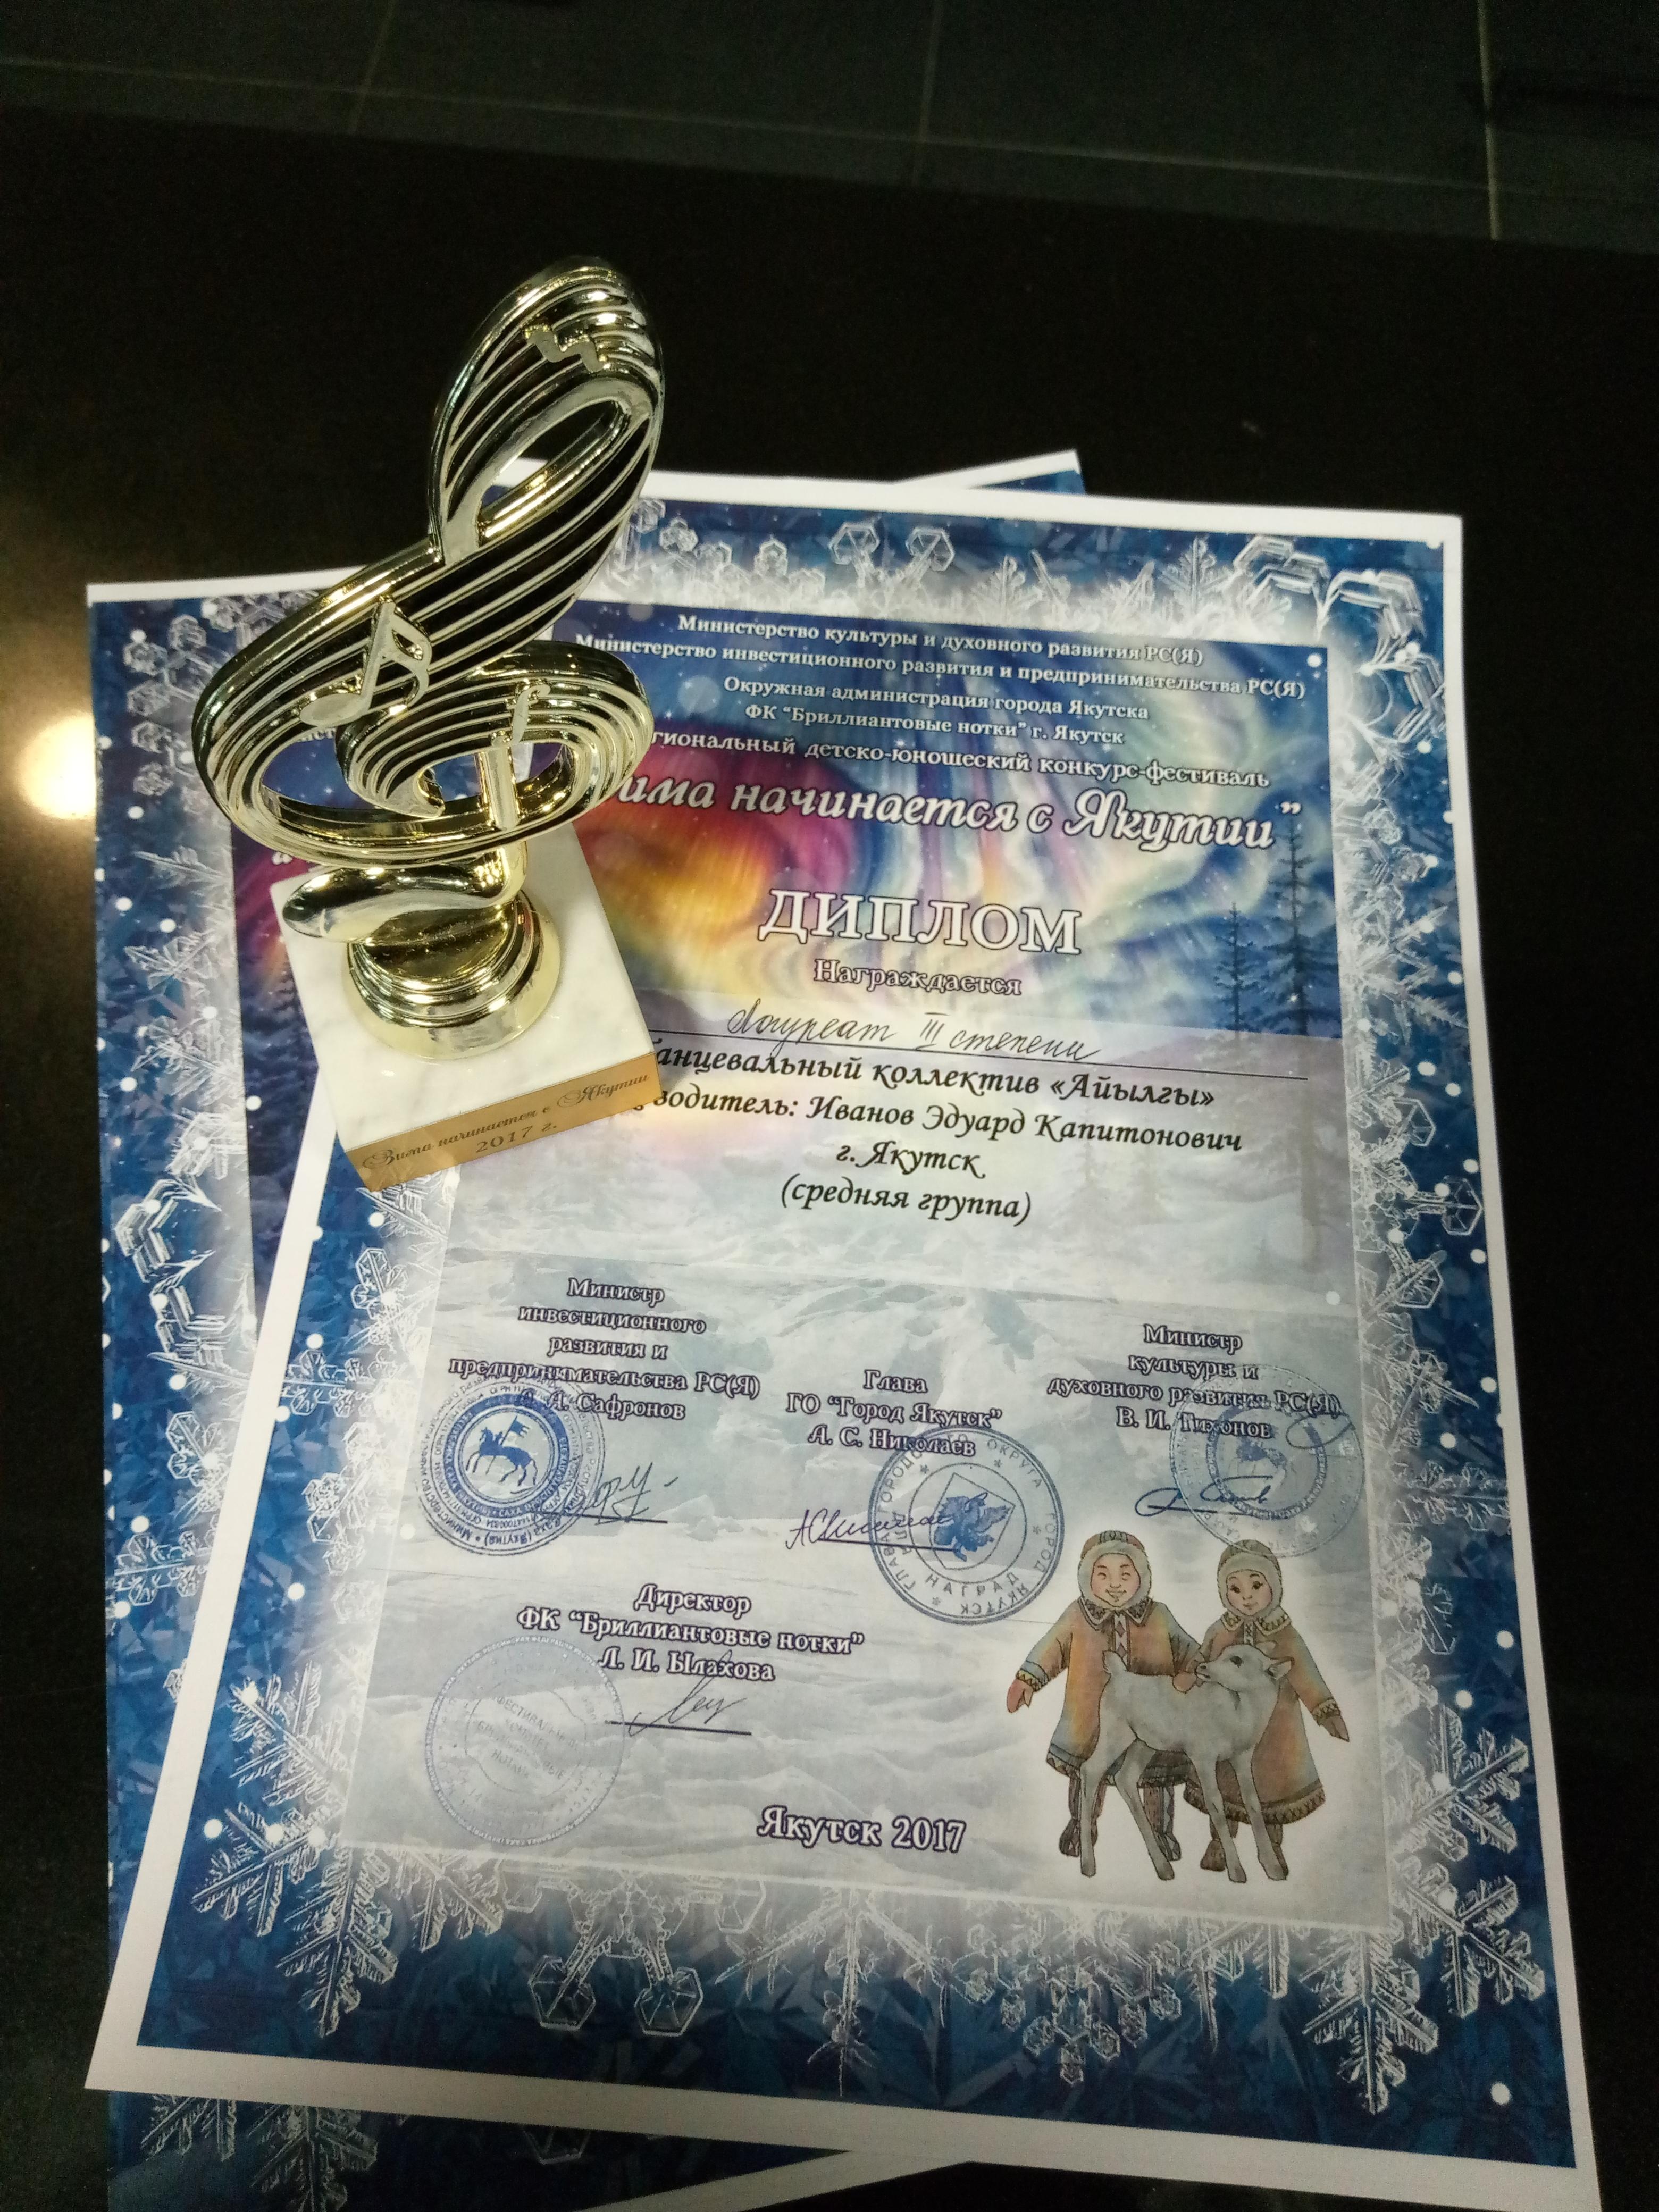 «Айылгы» в региональном конкурсе фестивале «Зима начинается с Якутии».